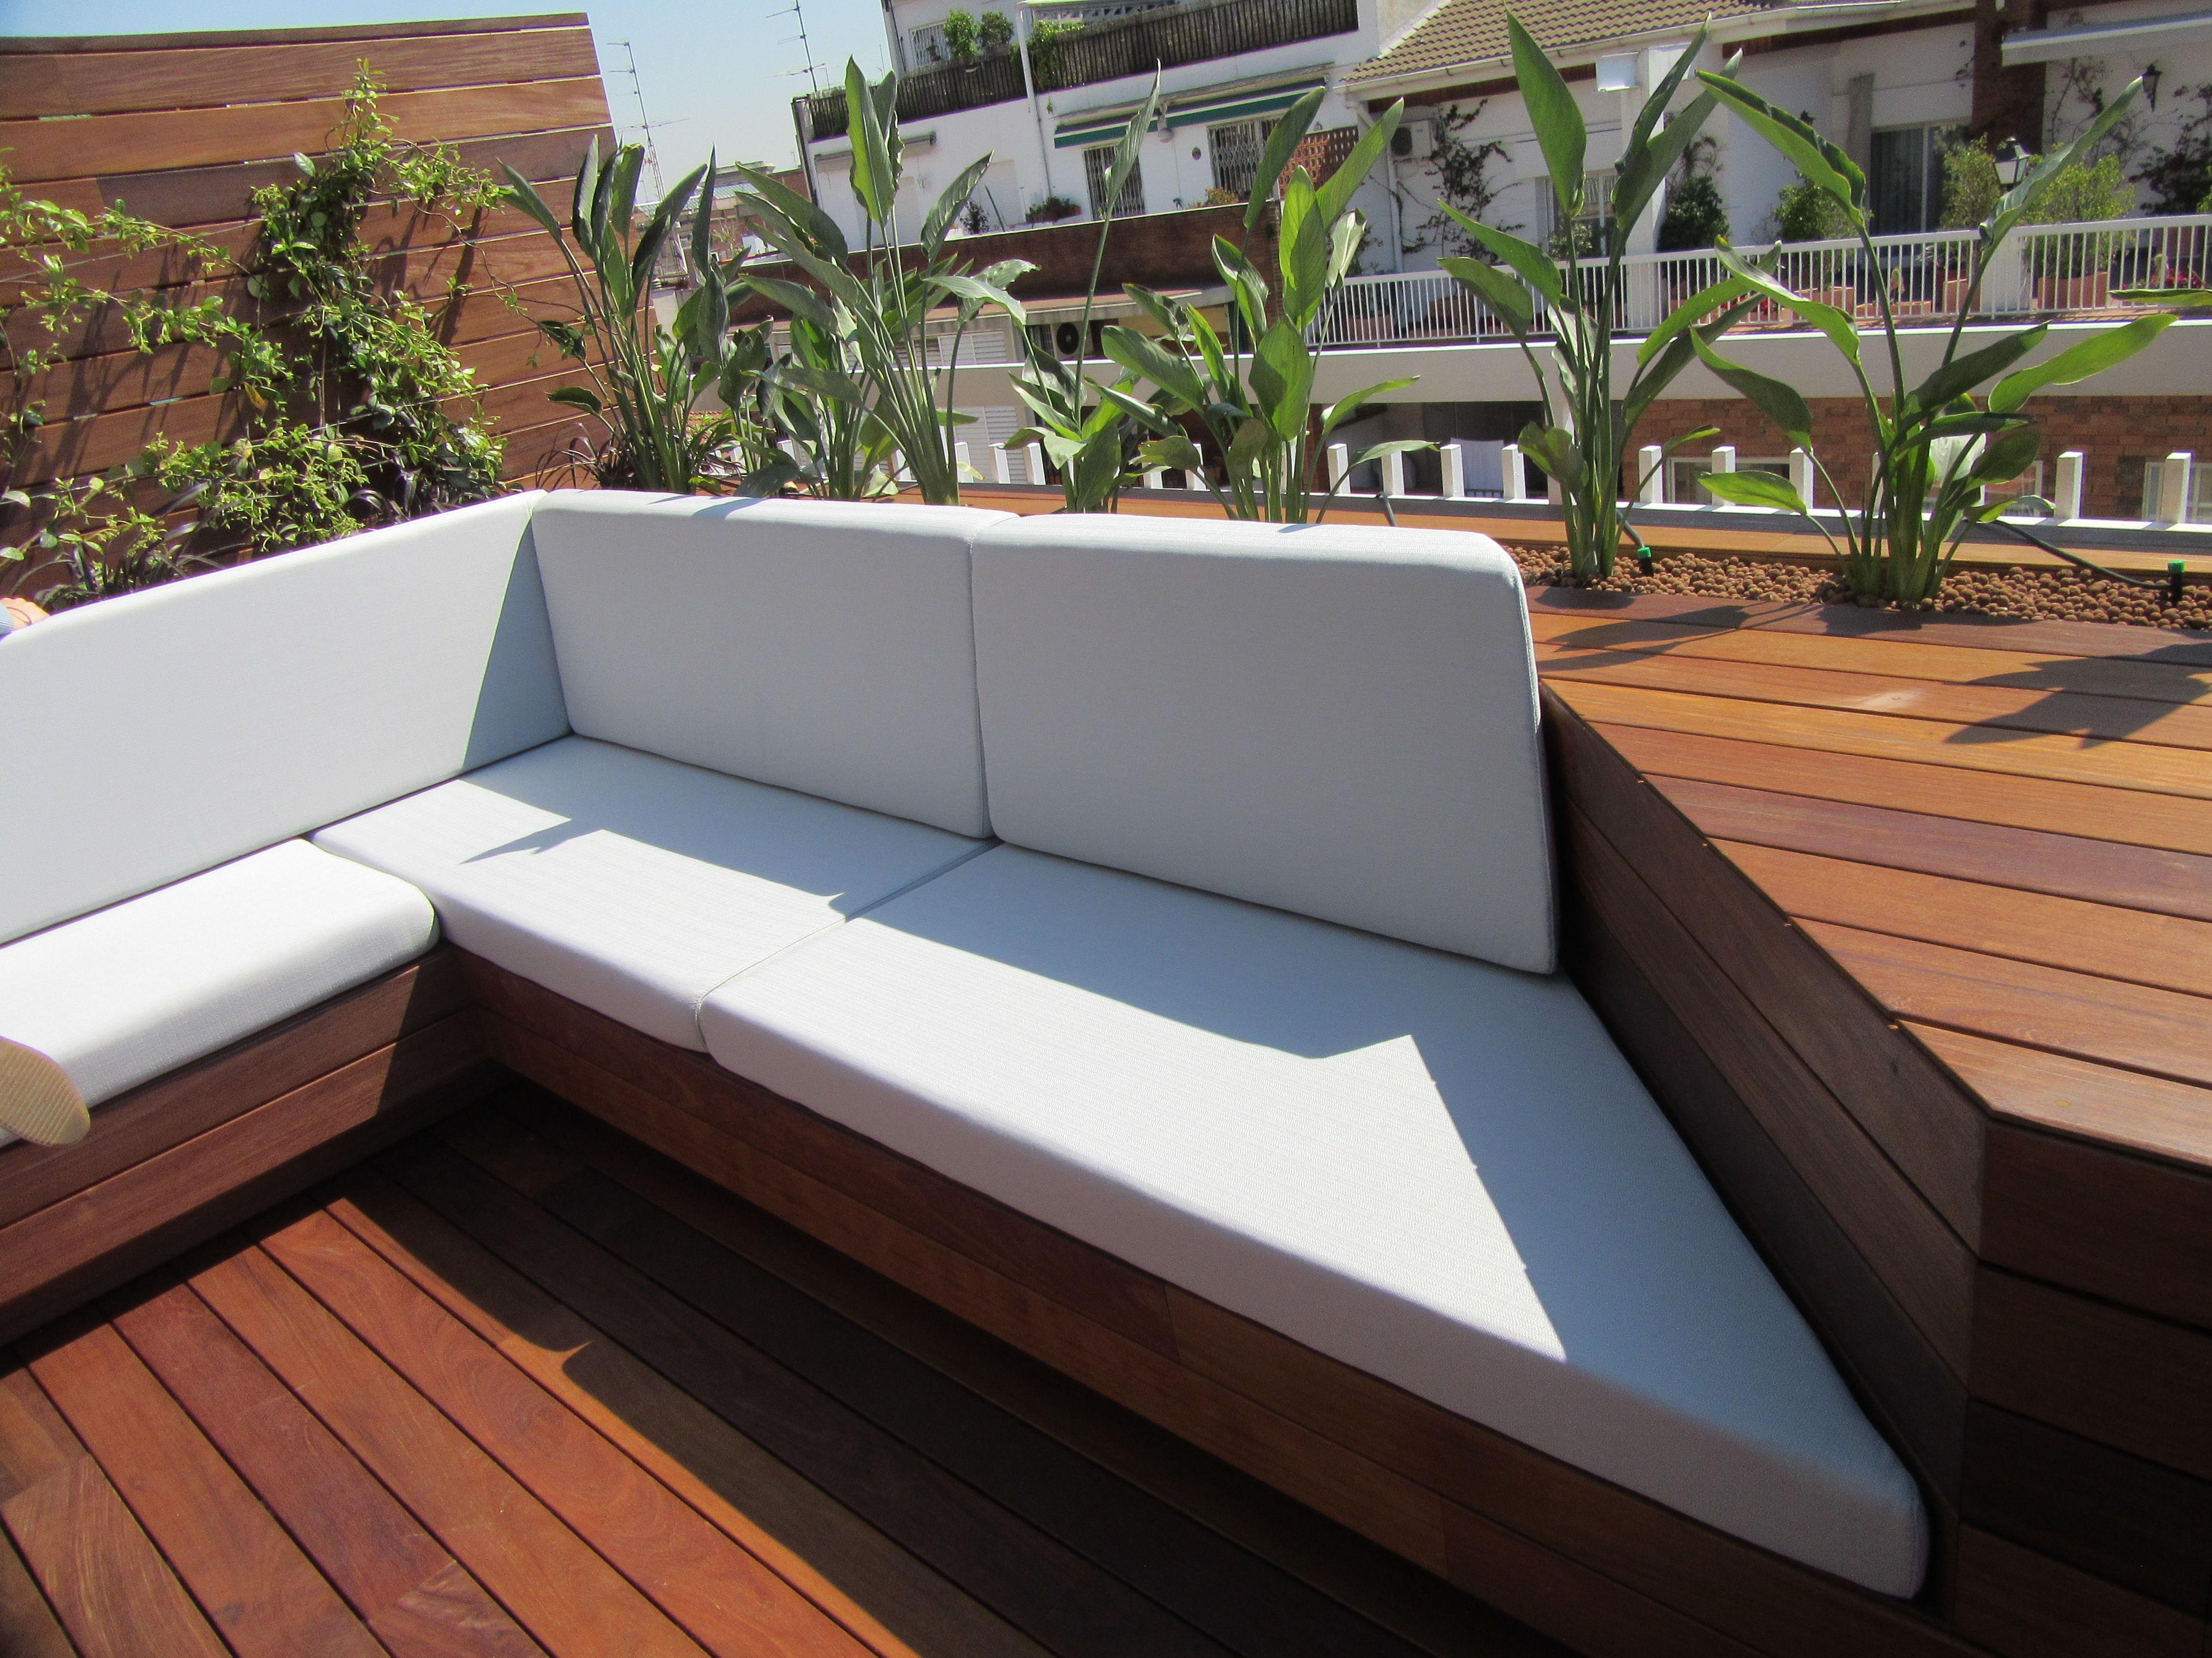 Confecci n de sof s y cojines de exterior servicios de - Cojines exterior ...